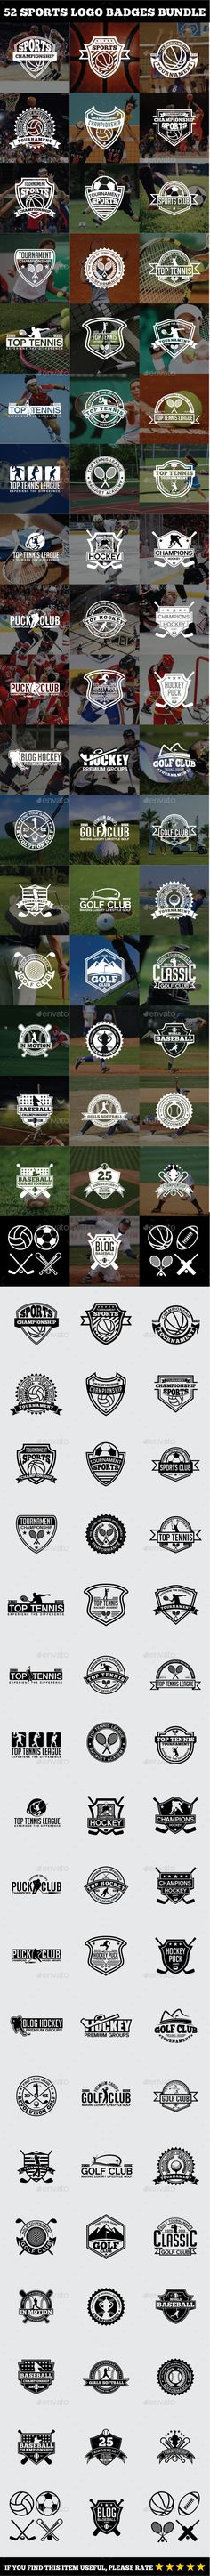 52 Sports Logo Badges Bundle Template #design Download: http://graphicriver.net/item/52-sports-logo-badges-bundle/12410584?ref=ksioks